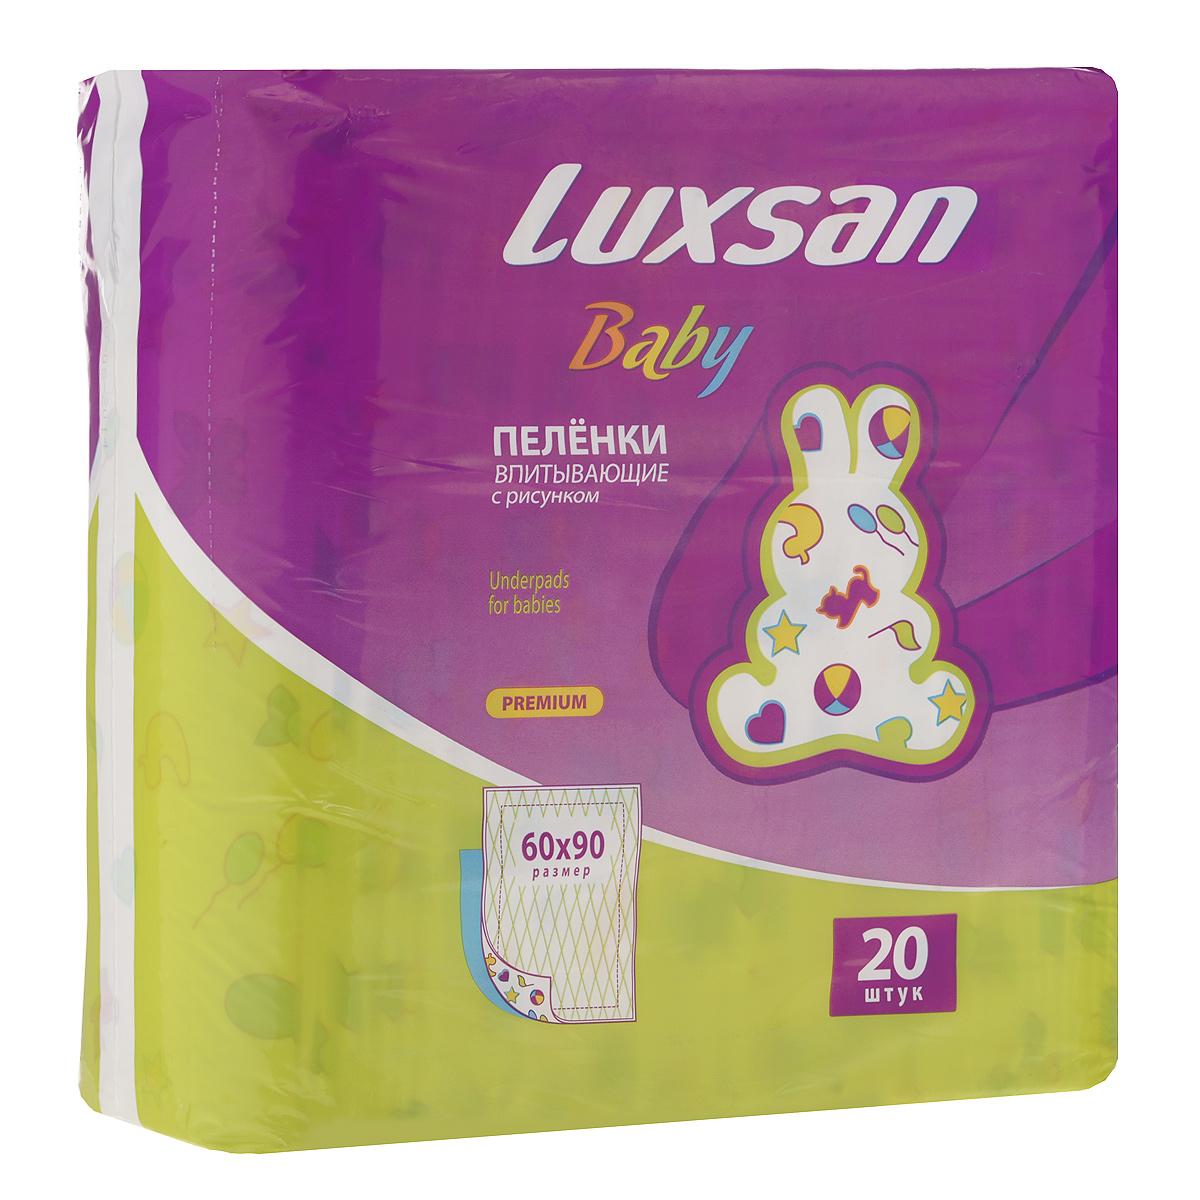 Luxsan Baby Пеленки впитывающие Premium, 60 см х 90 см, с рисунком, 20 шт2.69.020Пеленки используются как дополнительная защита в кроватке, на прогулках в коляске, при пеленании, на массаже, при визитах к врачу, во время принятия воздушных ванн. Гарантируют гигиену и комфорт, благодаря своим характеристикам позволяют предотвратить раздражение кожи и обеспечить комфорт. Поверхность, контактирующая с телом, изготовлена из гидрофильного мягкого нетканого материала, позволяющего сохранить кожу сухой и чистой и избежать возникновения раздражений и пролежней. Внутренняя абсорбирующая (впитывающая) часть изготовлена из распушенной целлюлозы. Товар сертифицирован.